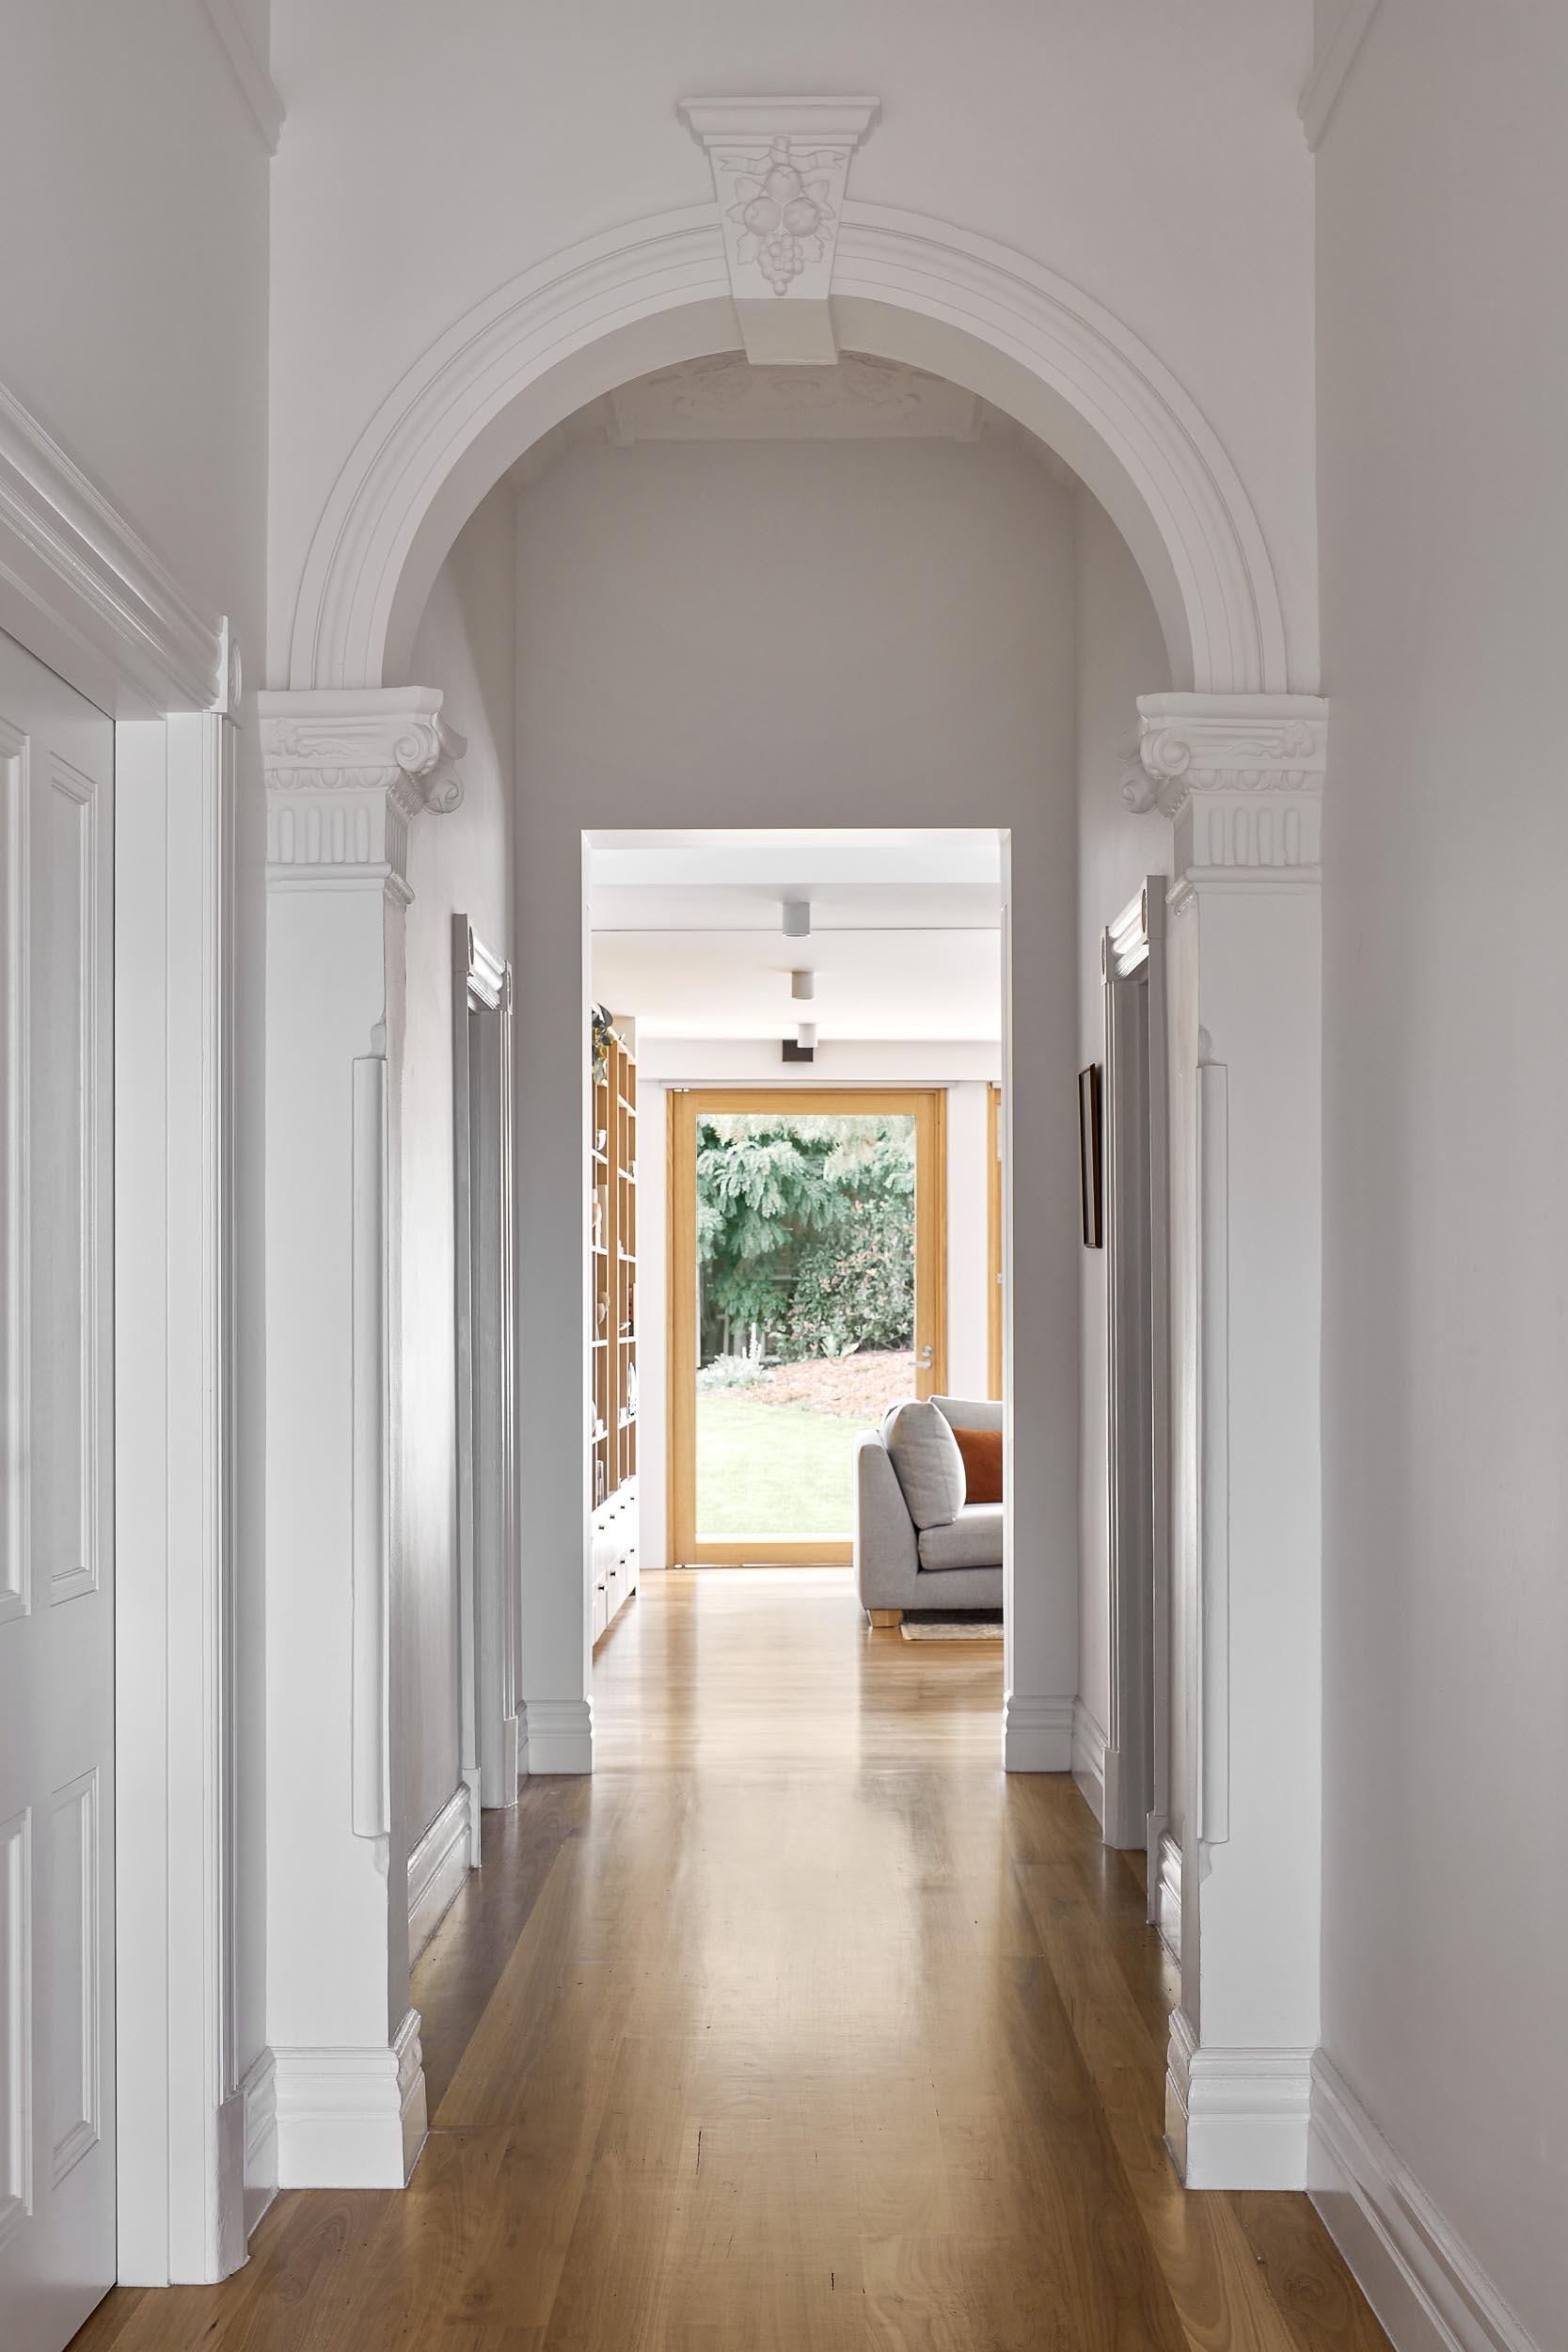 A renovated home retains some of the original details.